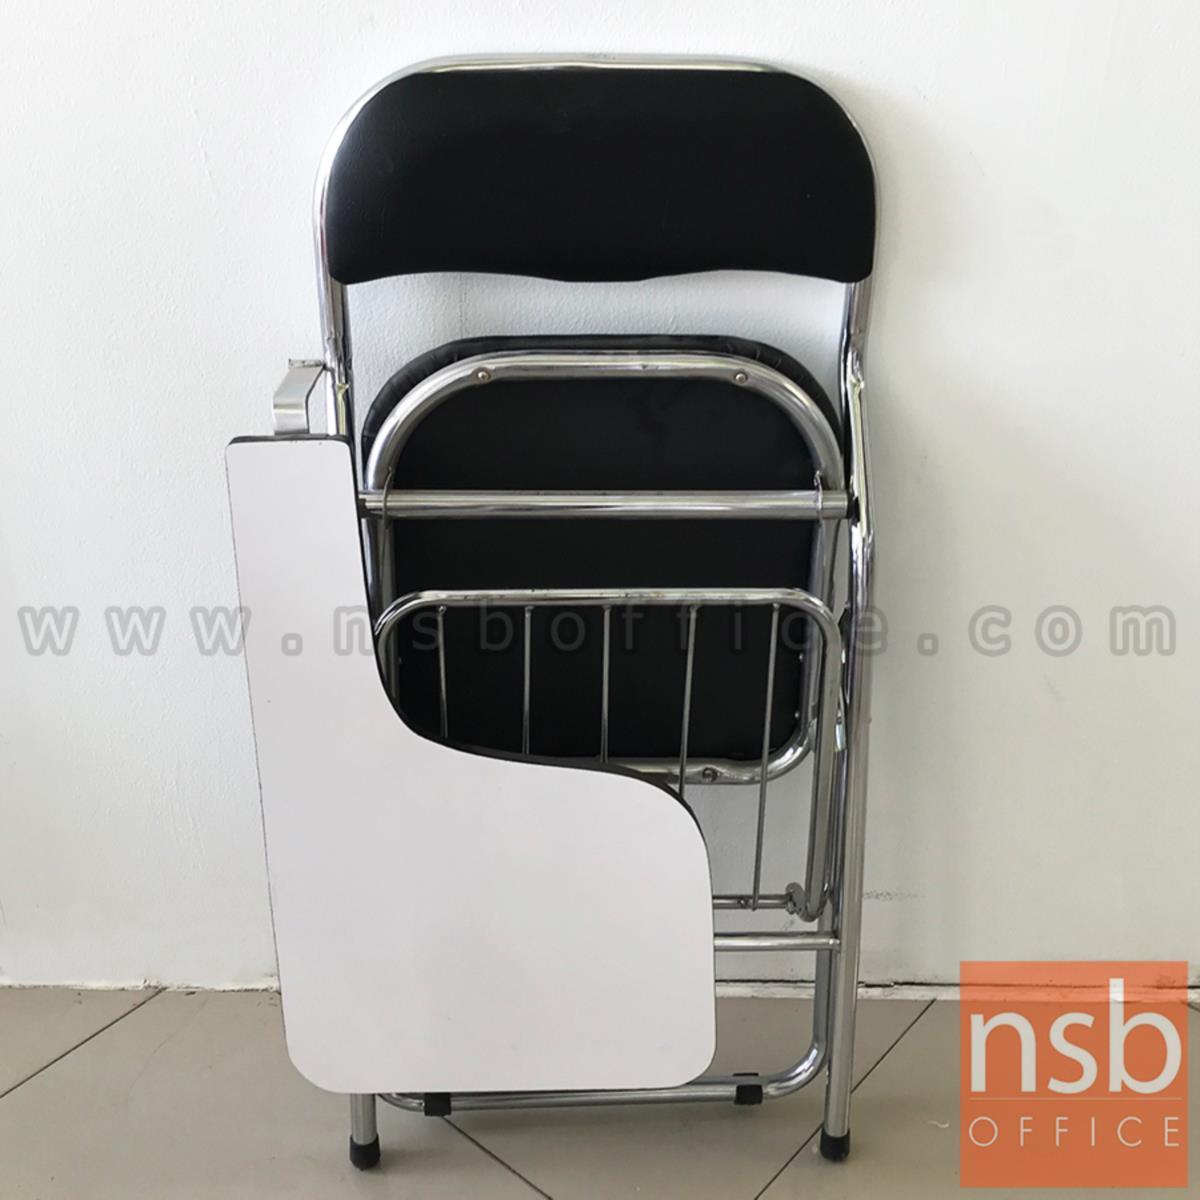 เก้าอี้เลคเชอร์ รุ่น Indigo (อินดิโก) (มีตะแกรงวางของ) ขาเหล็กชุบโครเมี่ยม